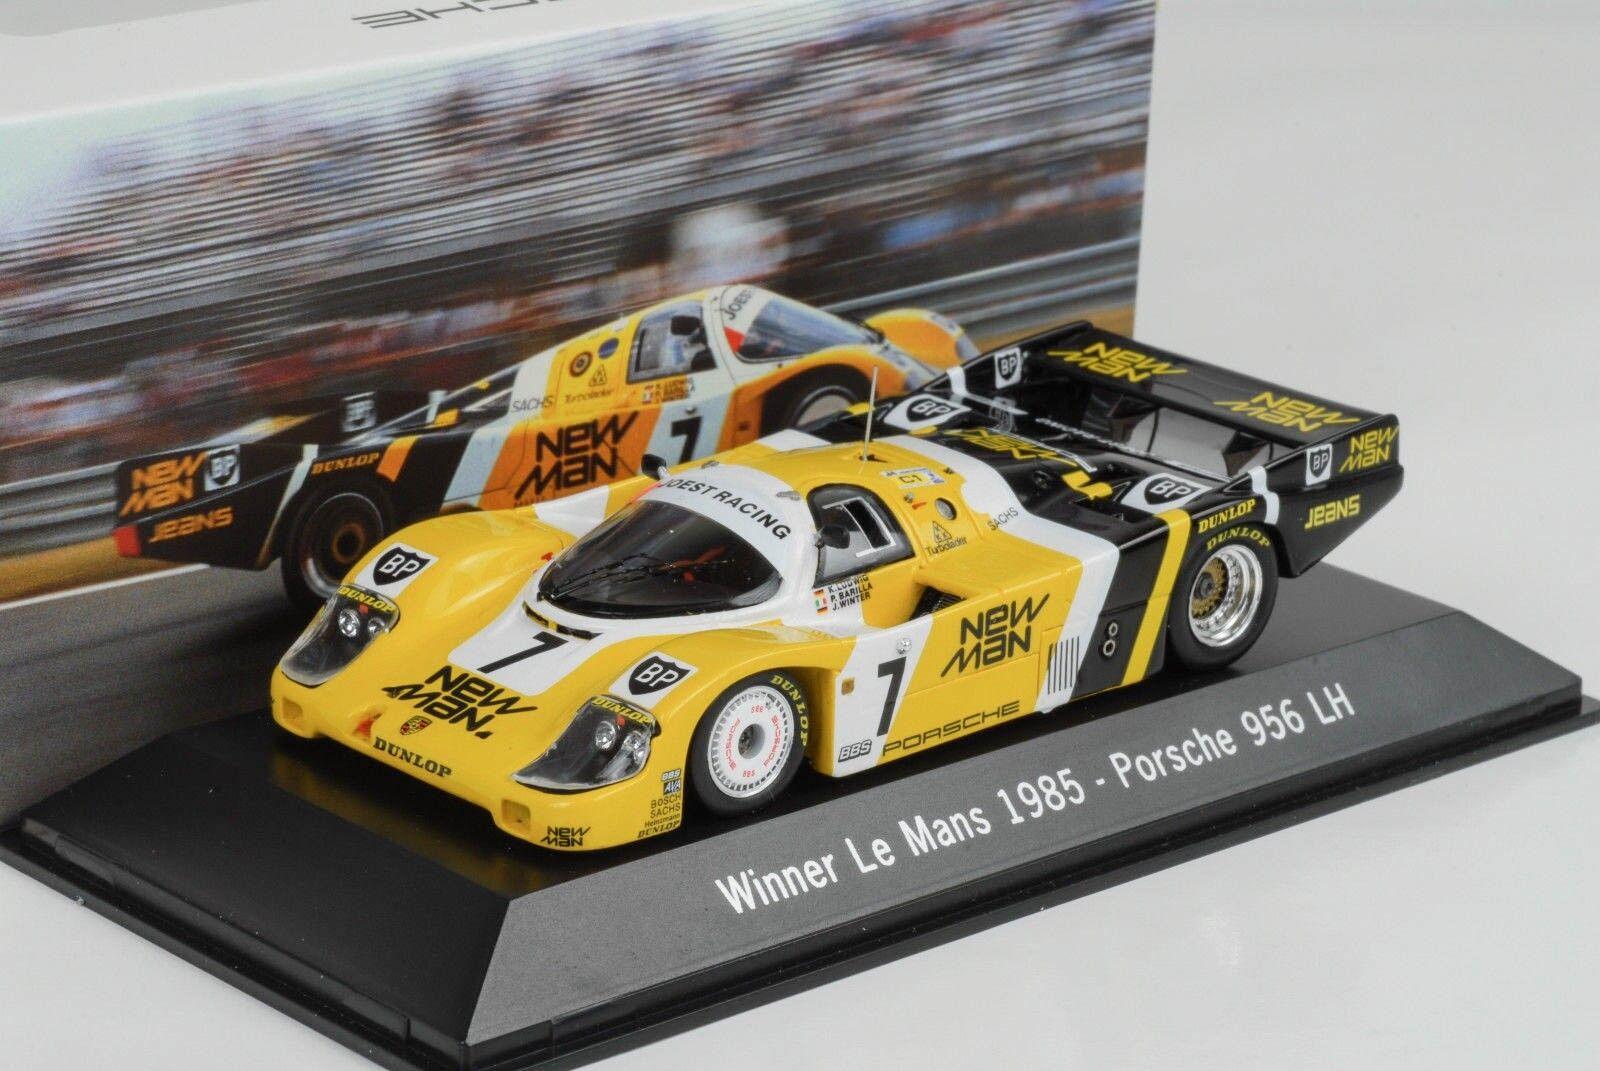 1985 PORSCHE 956 LH Joest New Man   7 Winner 24 H Le Mans 1 43 Spark Musée map